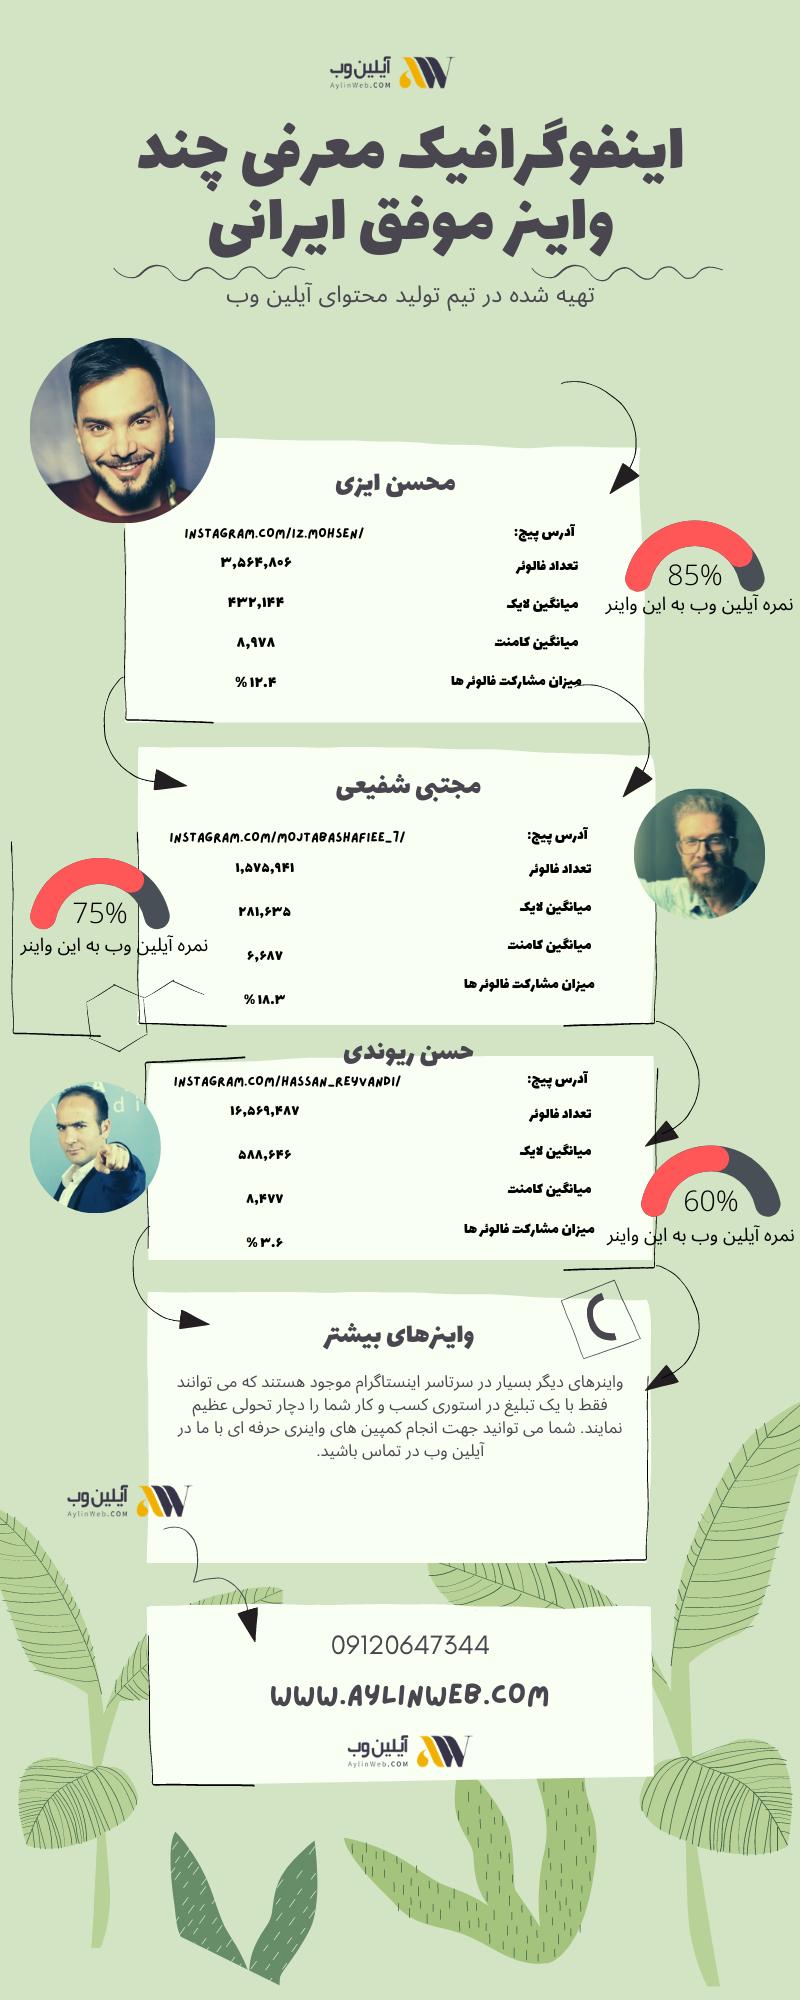 اینفوگرافیک معرفی چند واینر موفق ایرانی